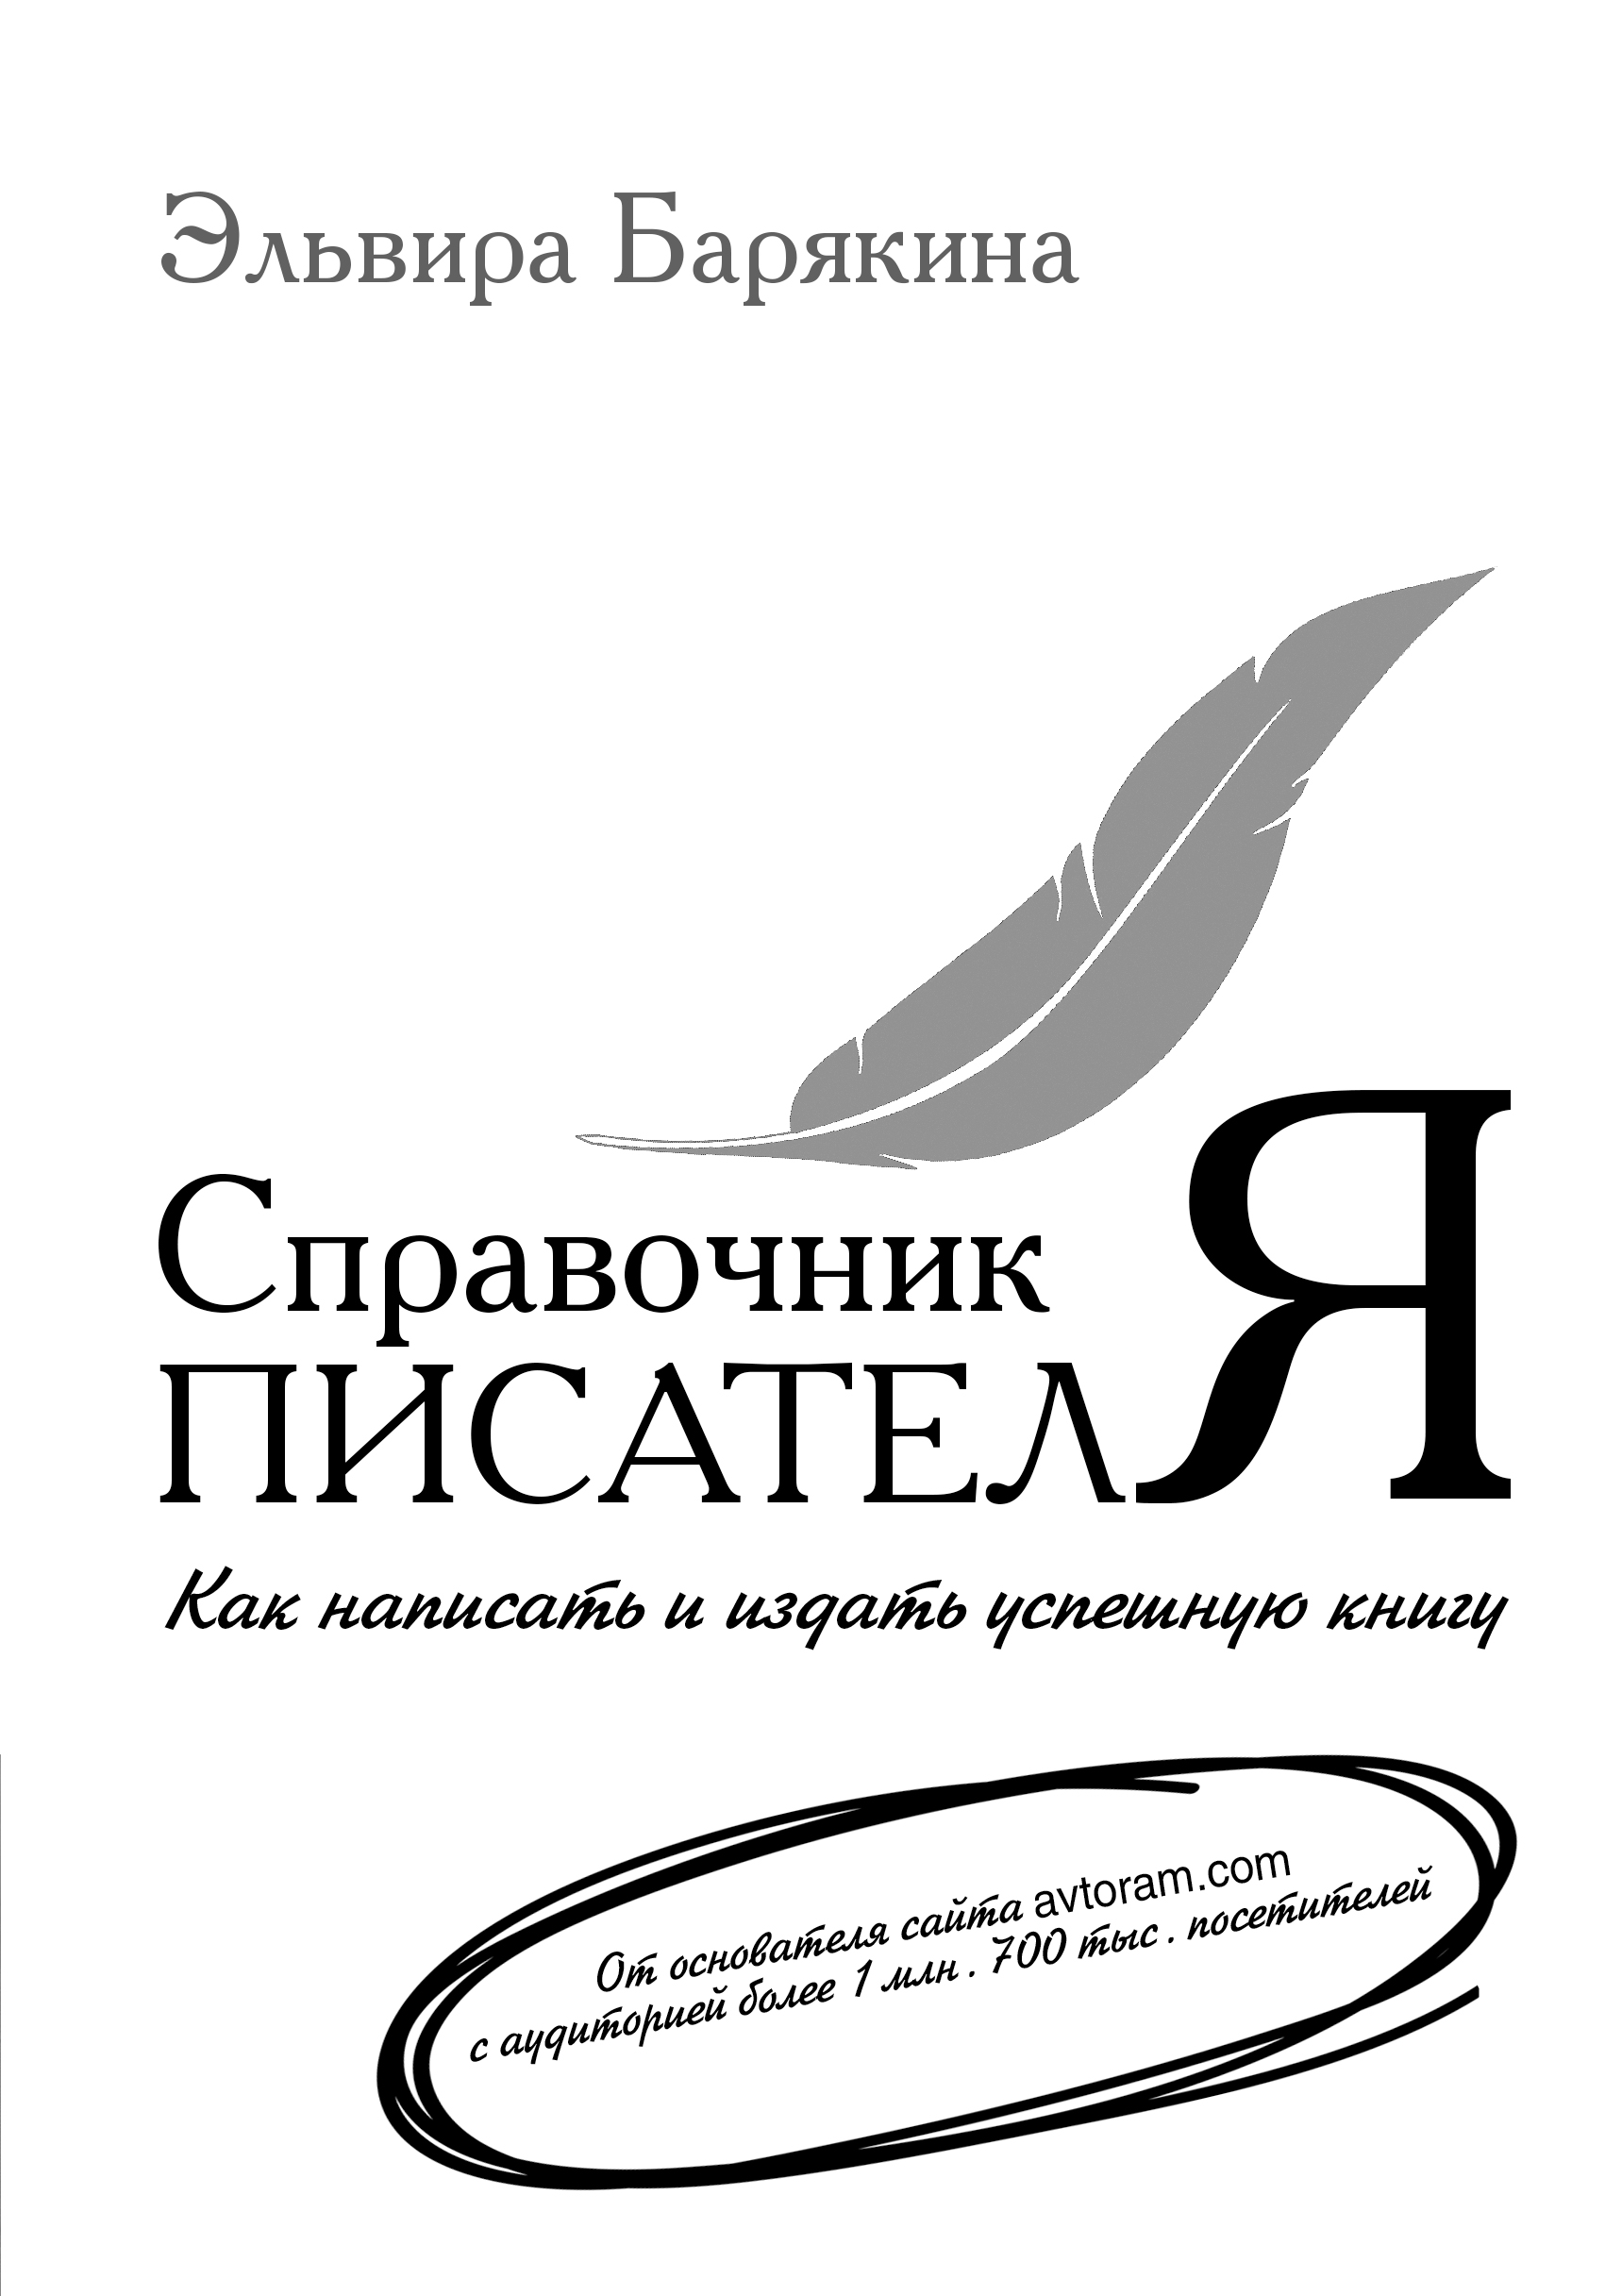 Барякина Э.В. Справочник писателя отзывы